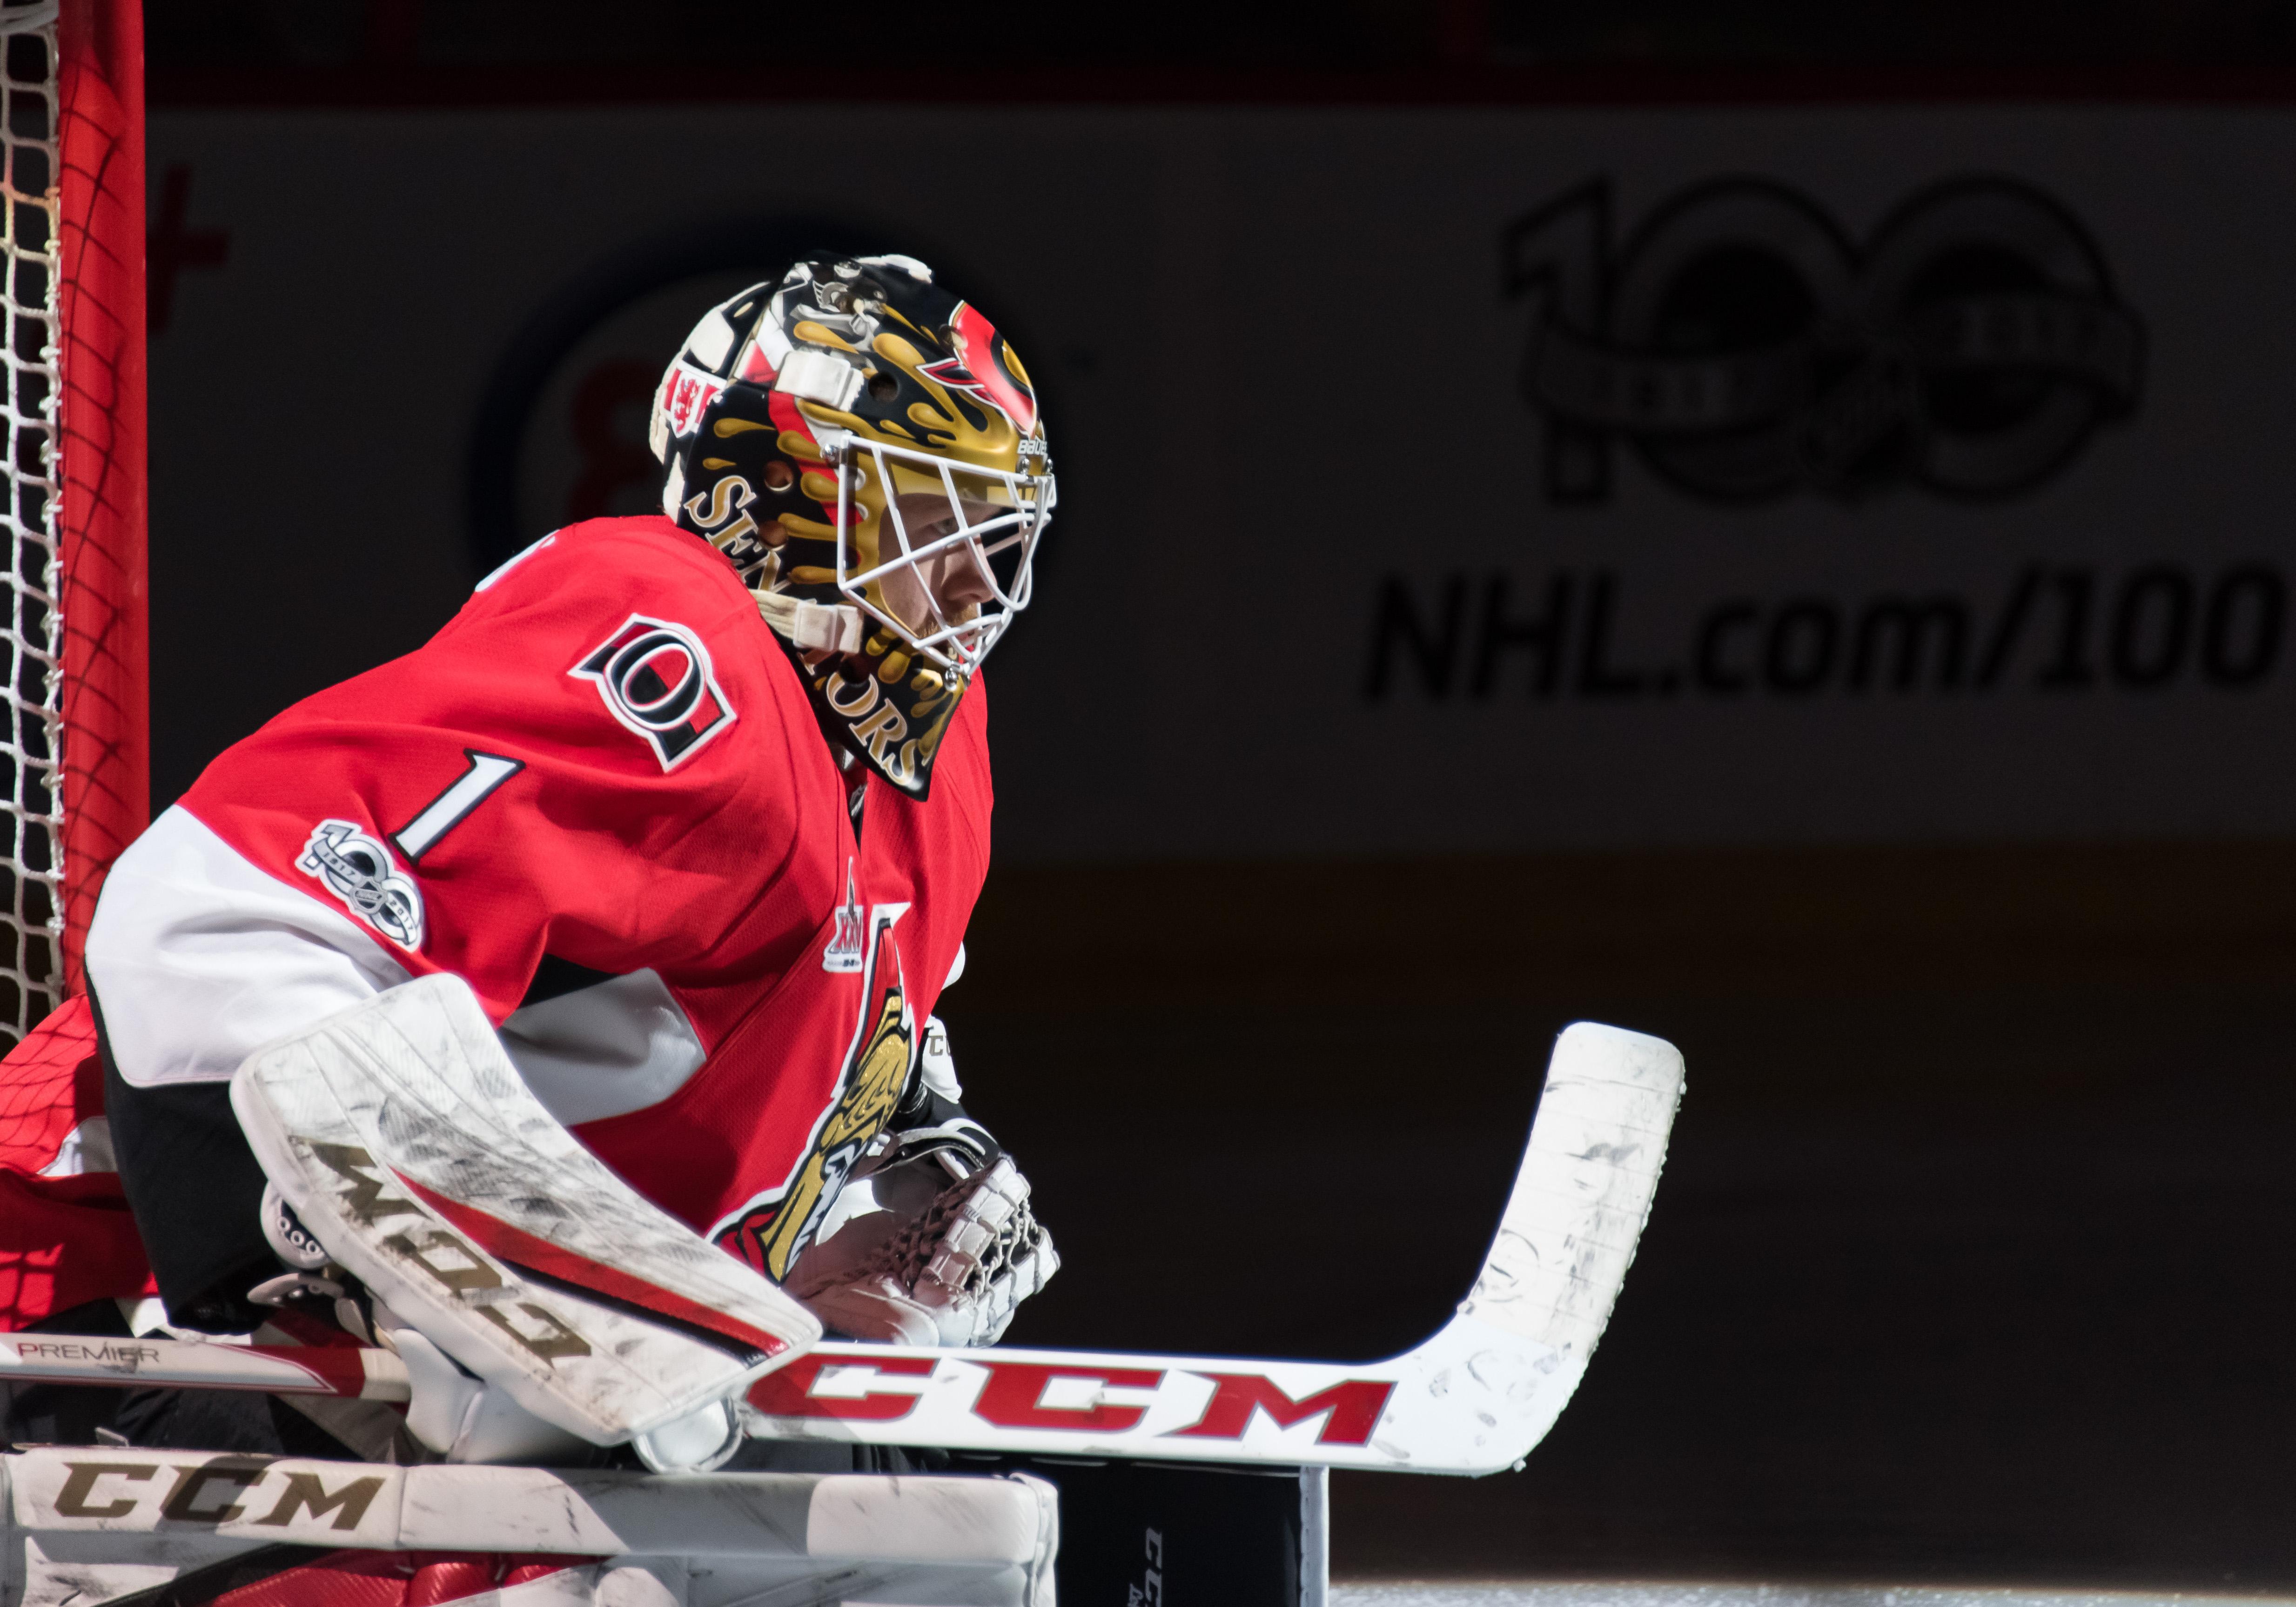 NHL: MAR 14 Lightning at Senators